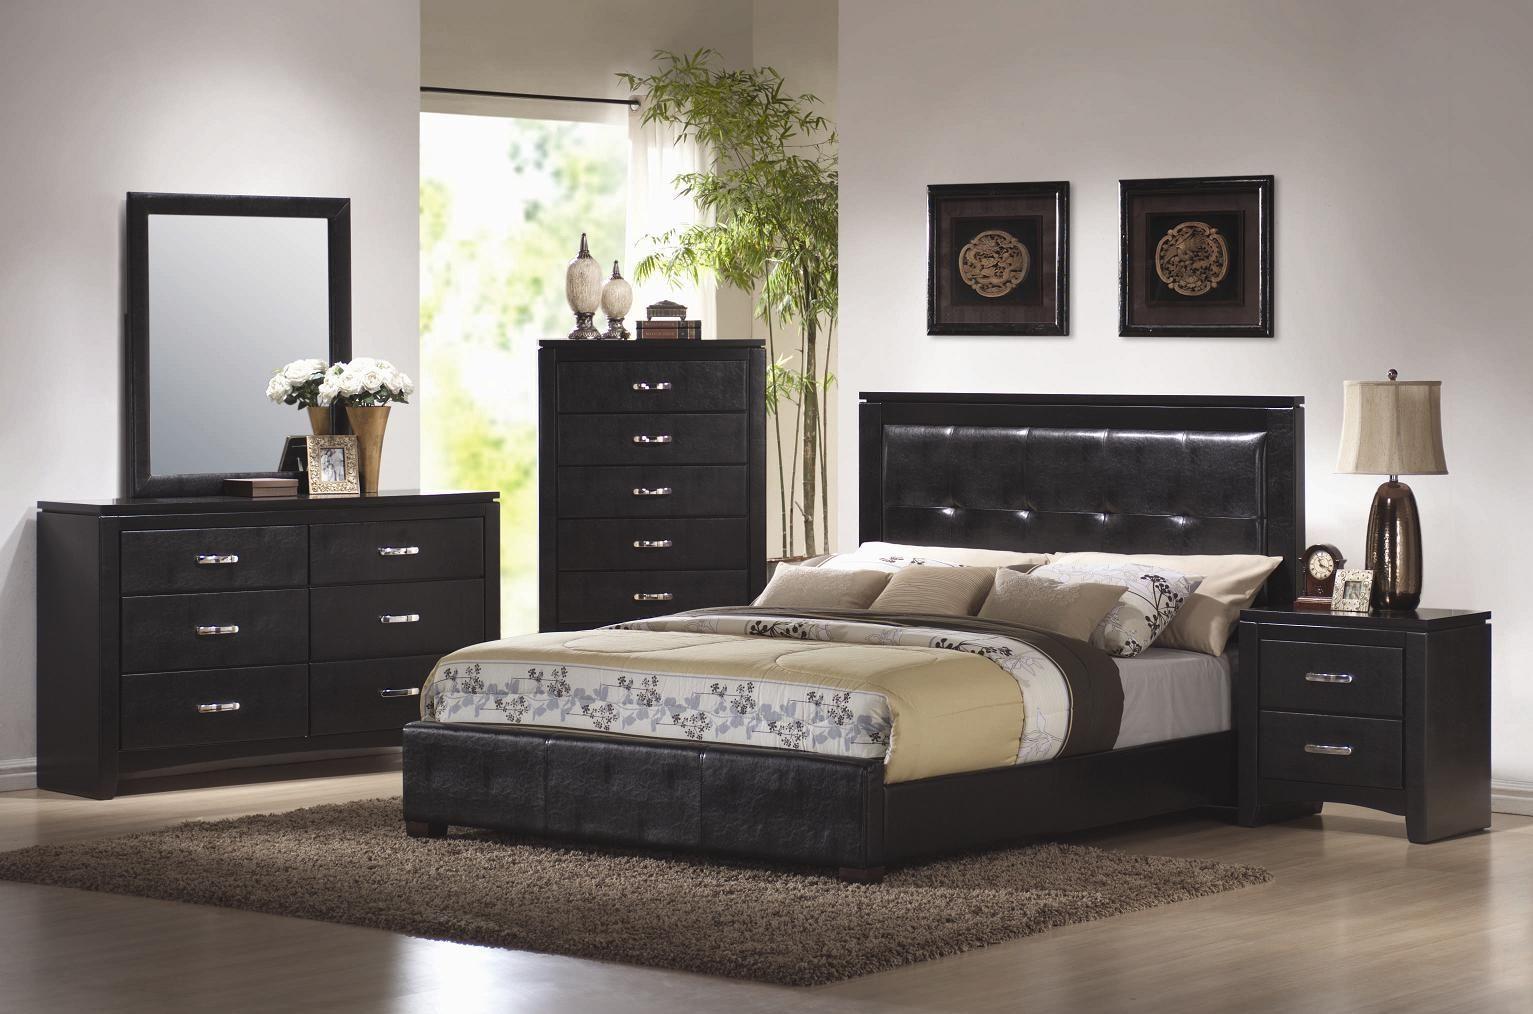 Storage Platform Bedroom Furniture Set  Bedroom Sets  Pinterest Captivating Bedroom Sets With Storage Review